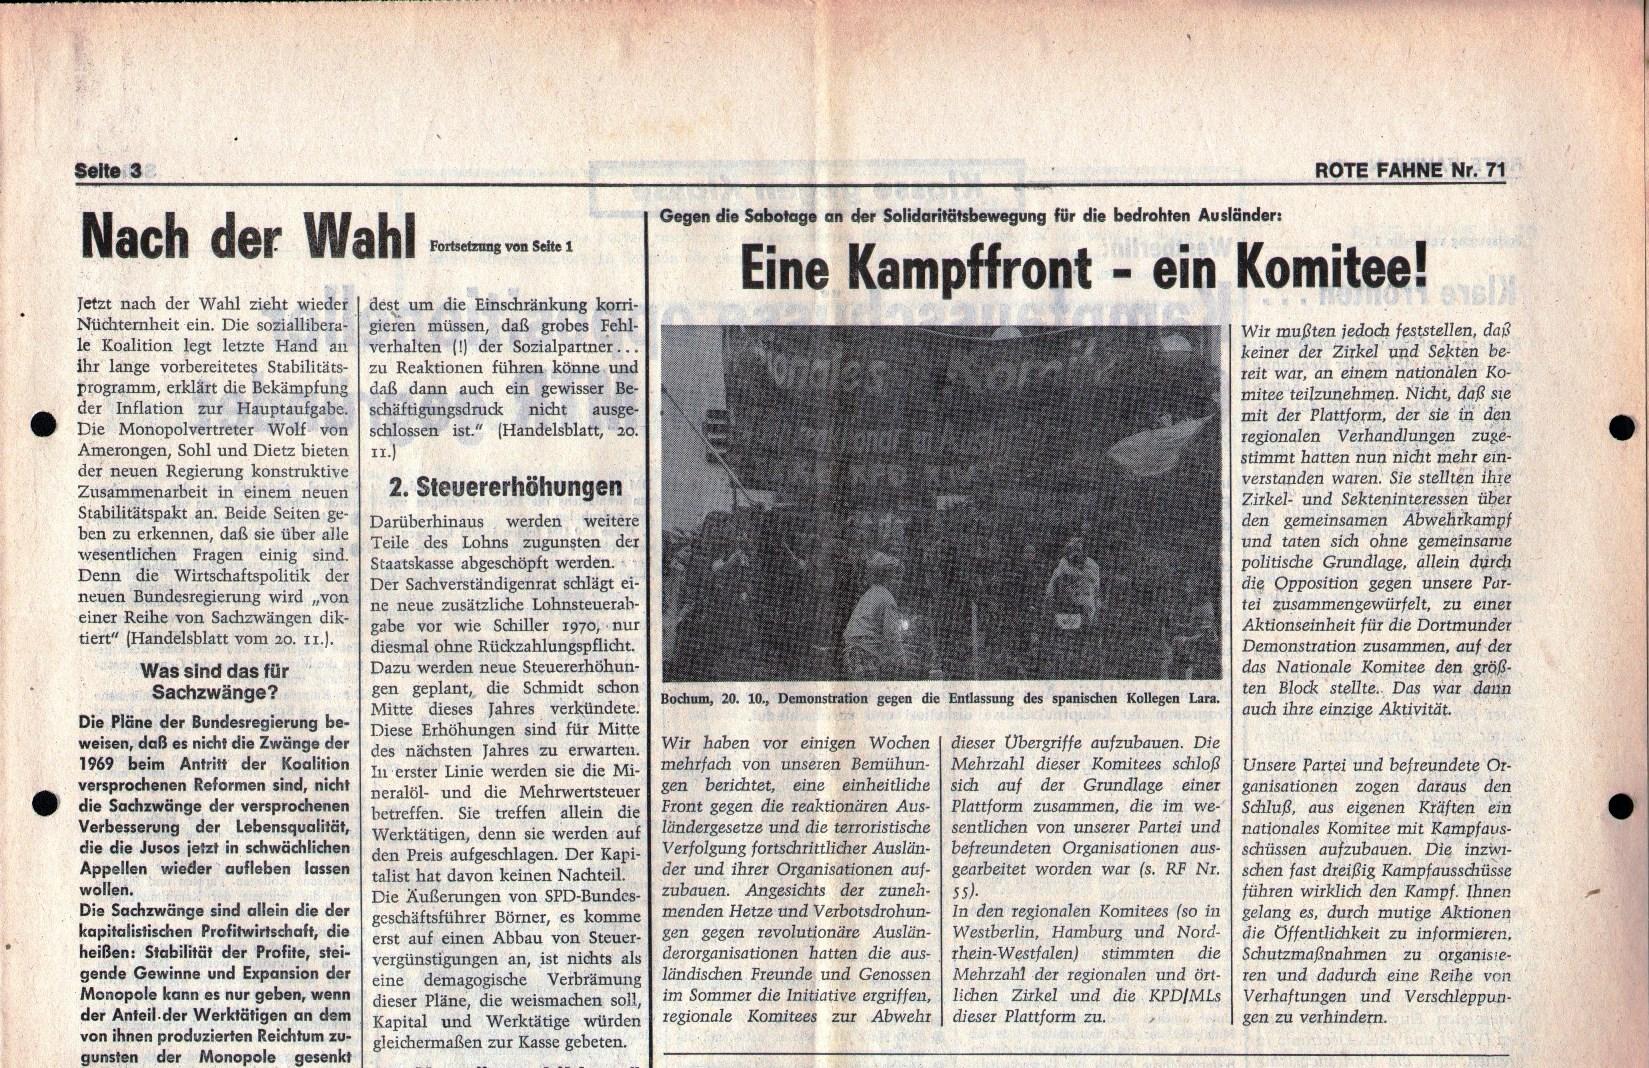 KPD_Rote_Fahne_1972_71_05